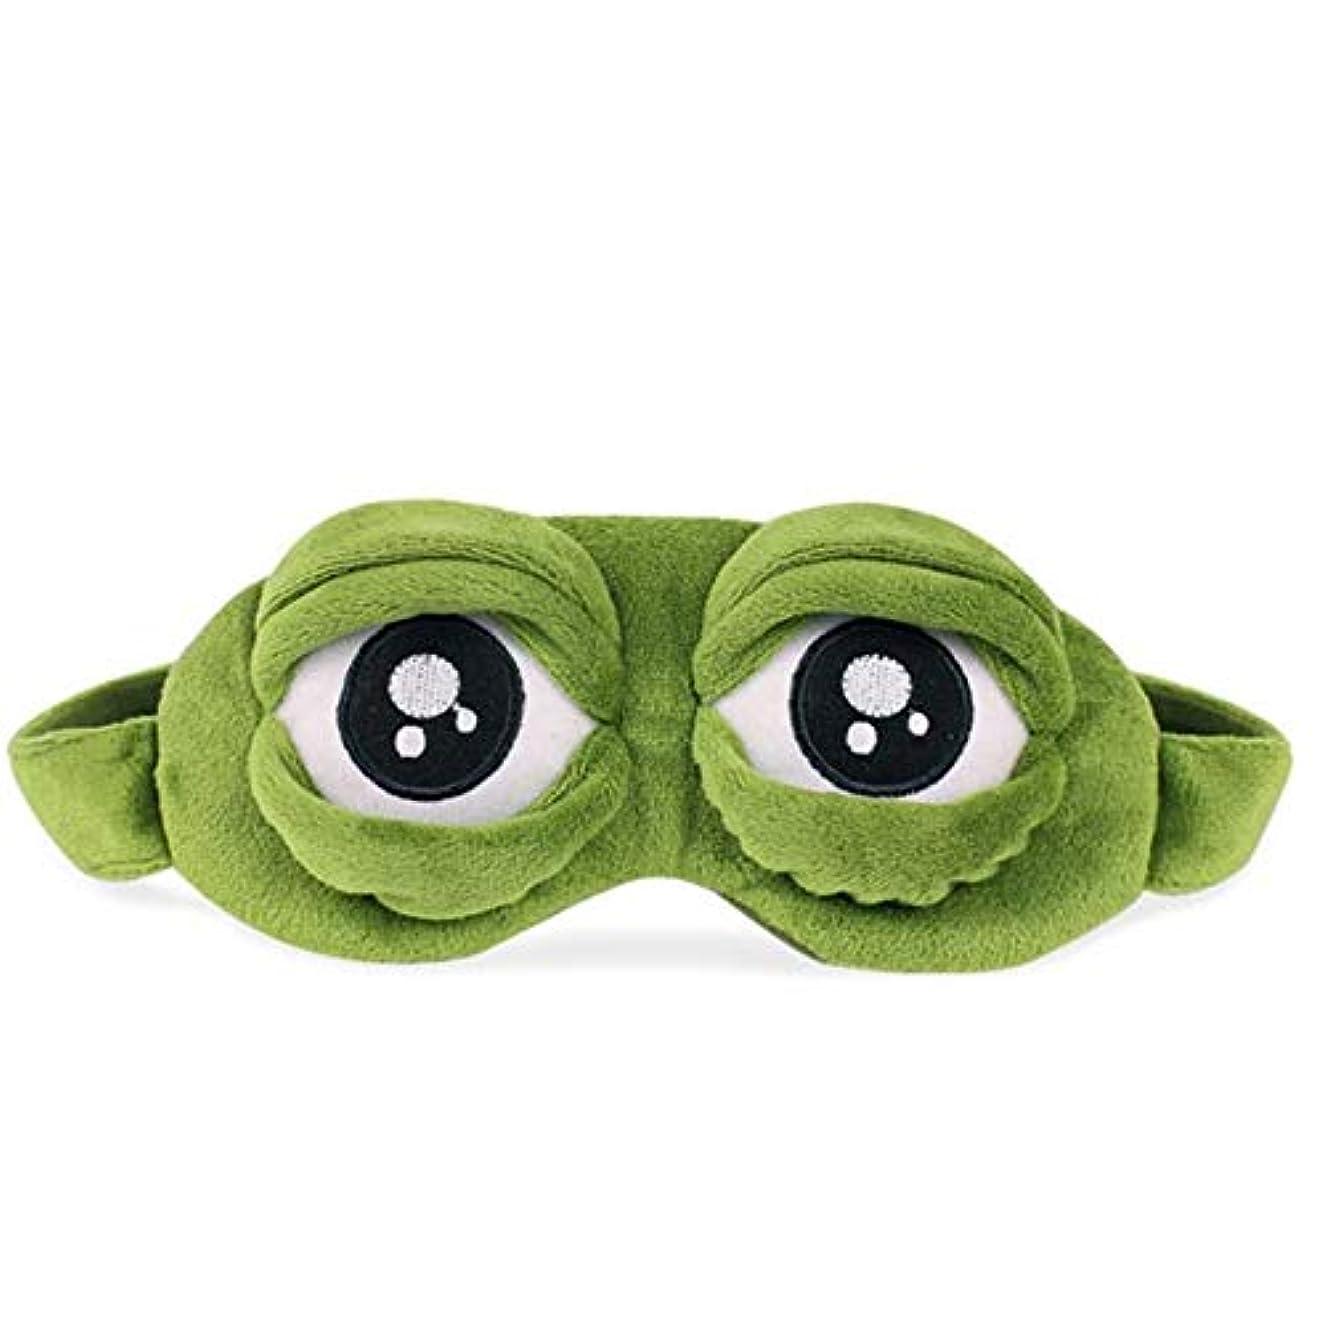 サーバホイッスル間違いなくNOTE 新しいグリーンカエル漫画かわいい目のカバー悲しい3Dアイマスクカバー眠っている残りの睡眠アニメ面白いギフト眠っているアイマスク